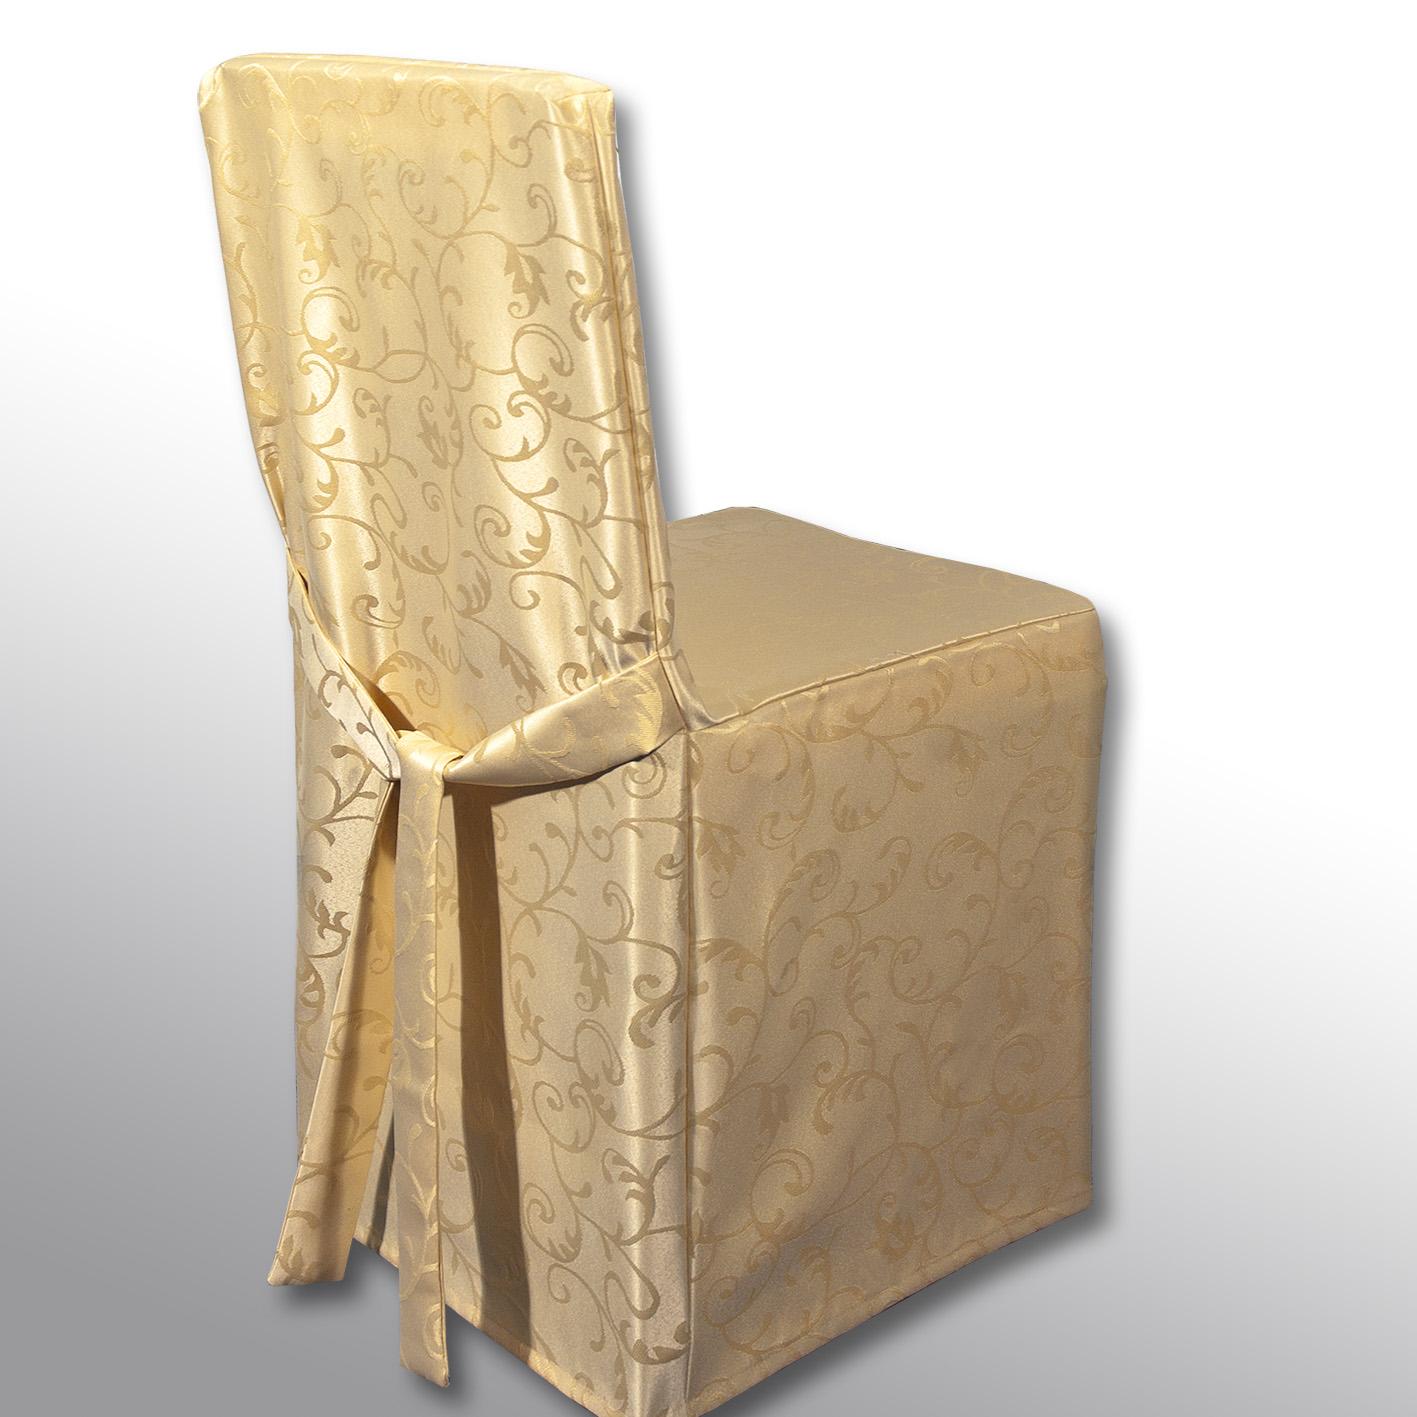 Чехол на стул Schaefer, цвет: бежевый, 45 х 45 х 45 см4121/Fb.21Чехол на стул Schaefer выполнен из полиэстера с красивым узором. На спинке чехол завязывается на завязки. Предназначен для классического стула со спинкой. Такой чехол изысканно дополнит интерьер вашего дома.